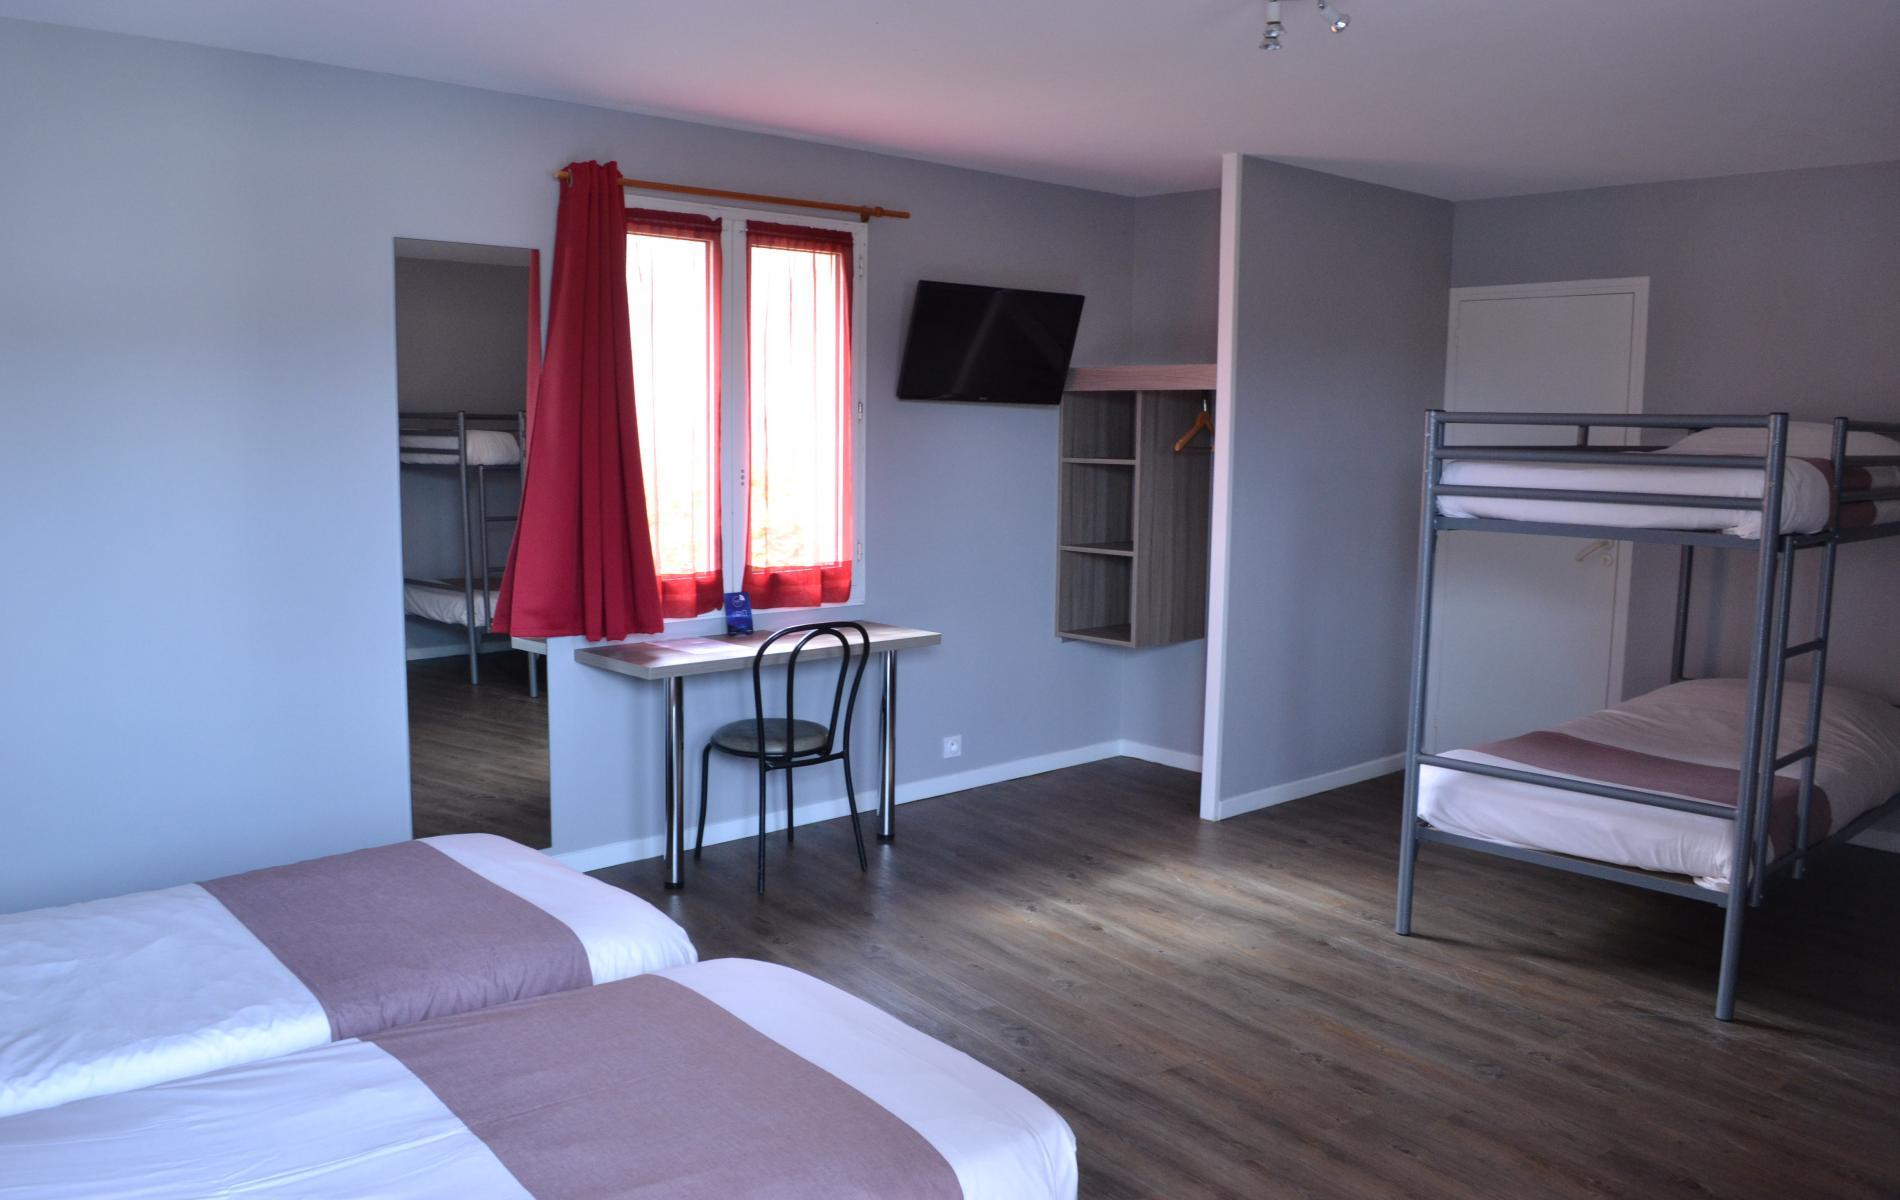 Nouveau chambre d hote port en bessin for Chambre hote yport